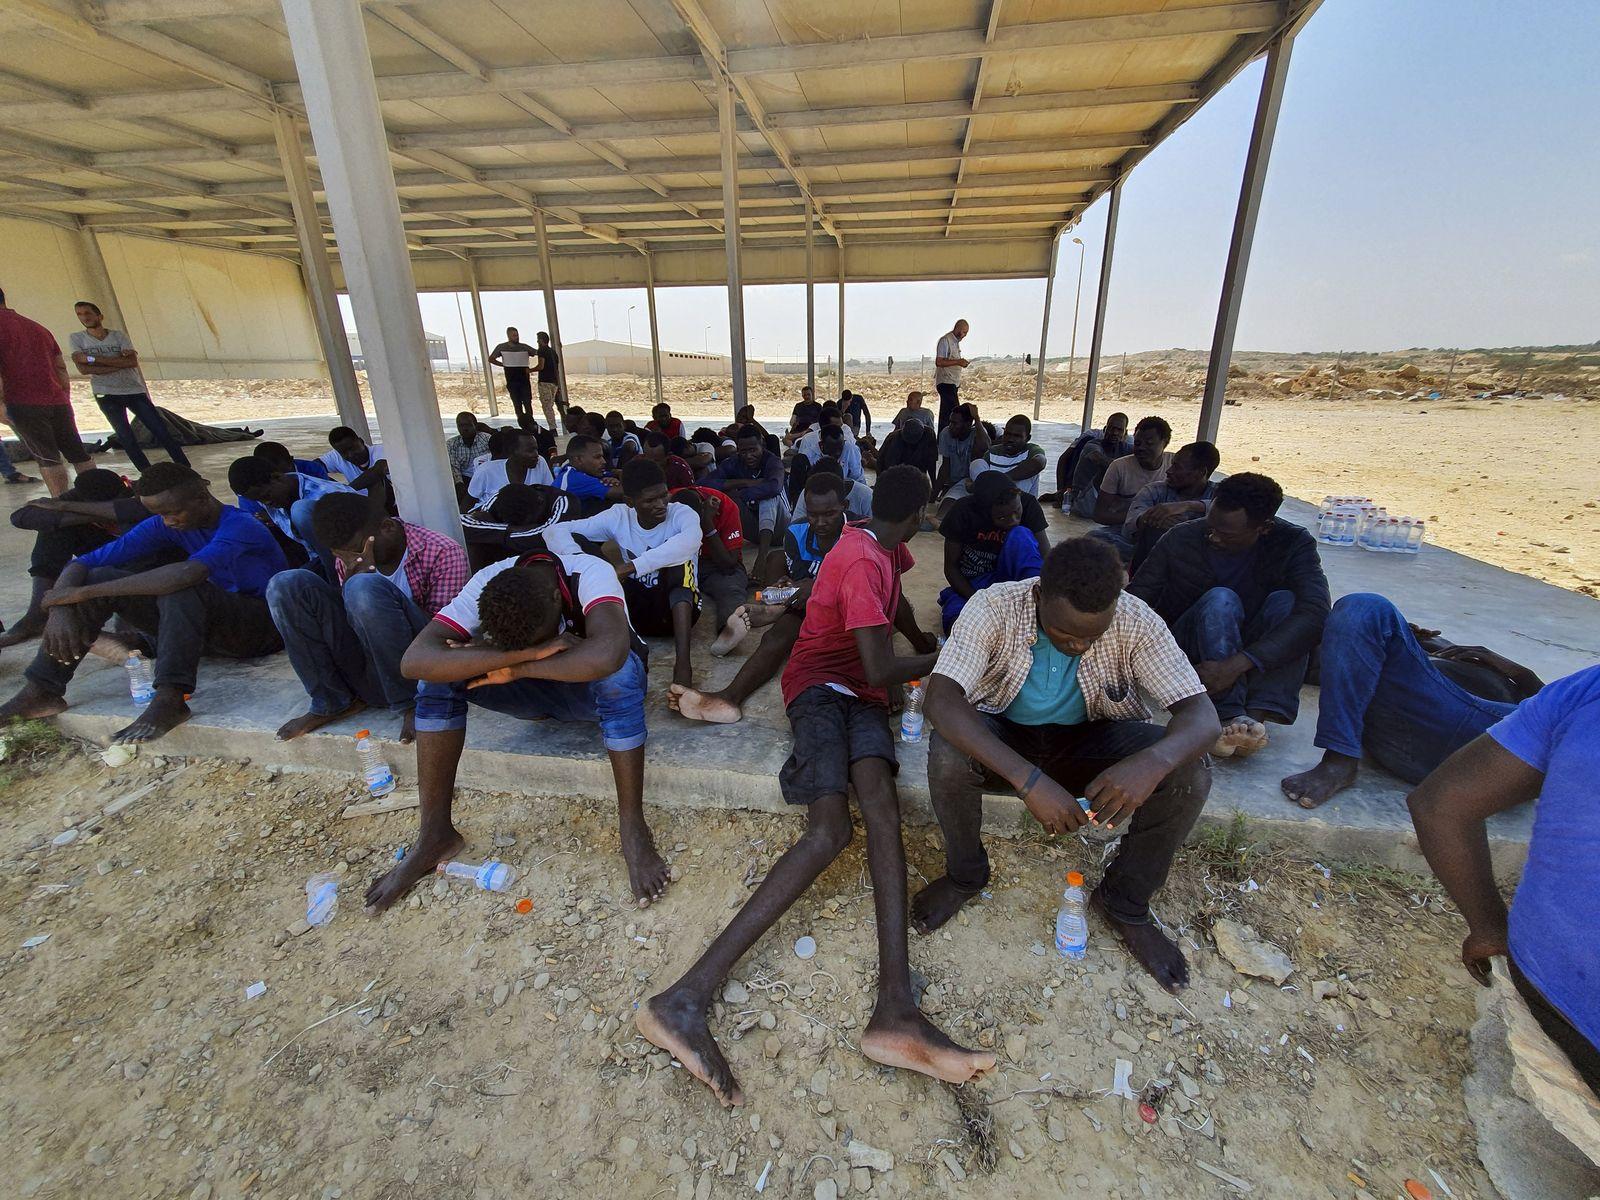 Bootsunglück vor libyscher Küste